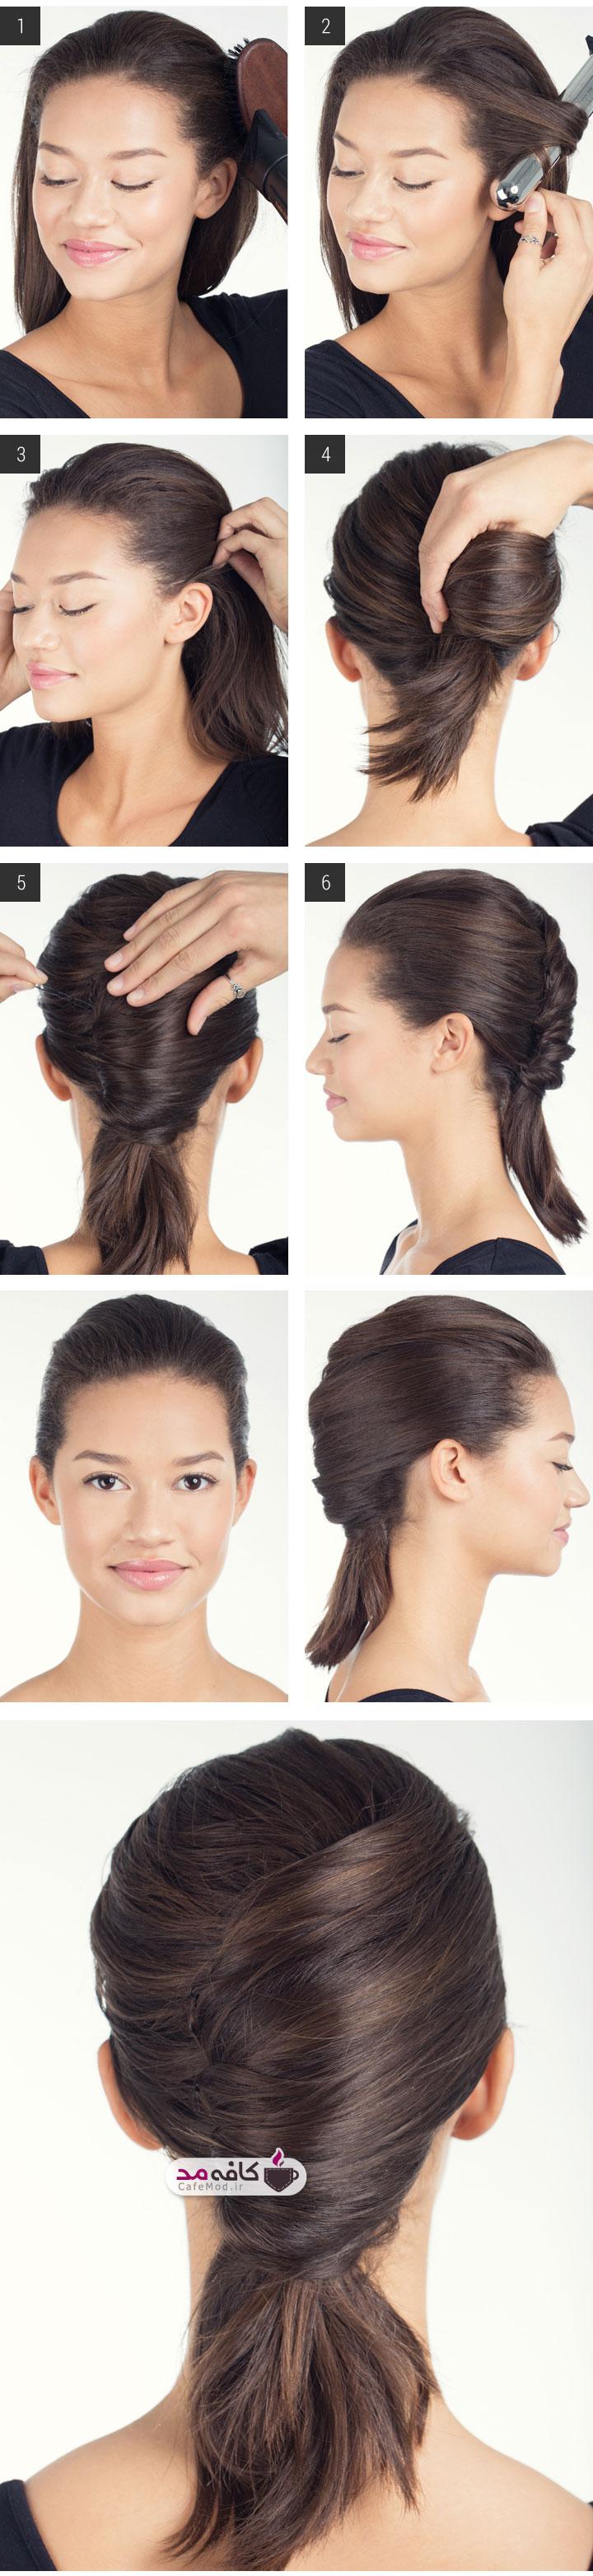 آموزش آرایش موی متوسط